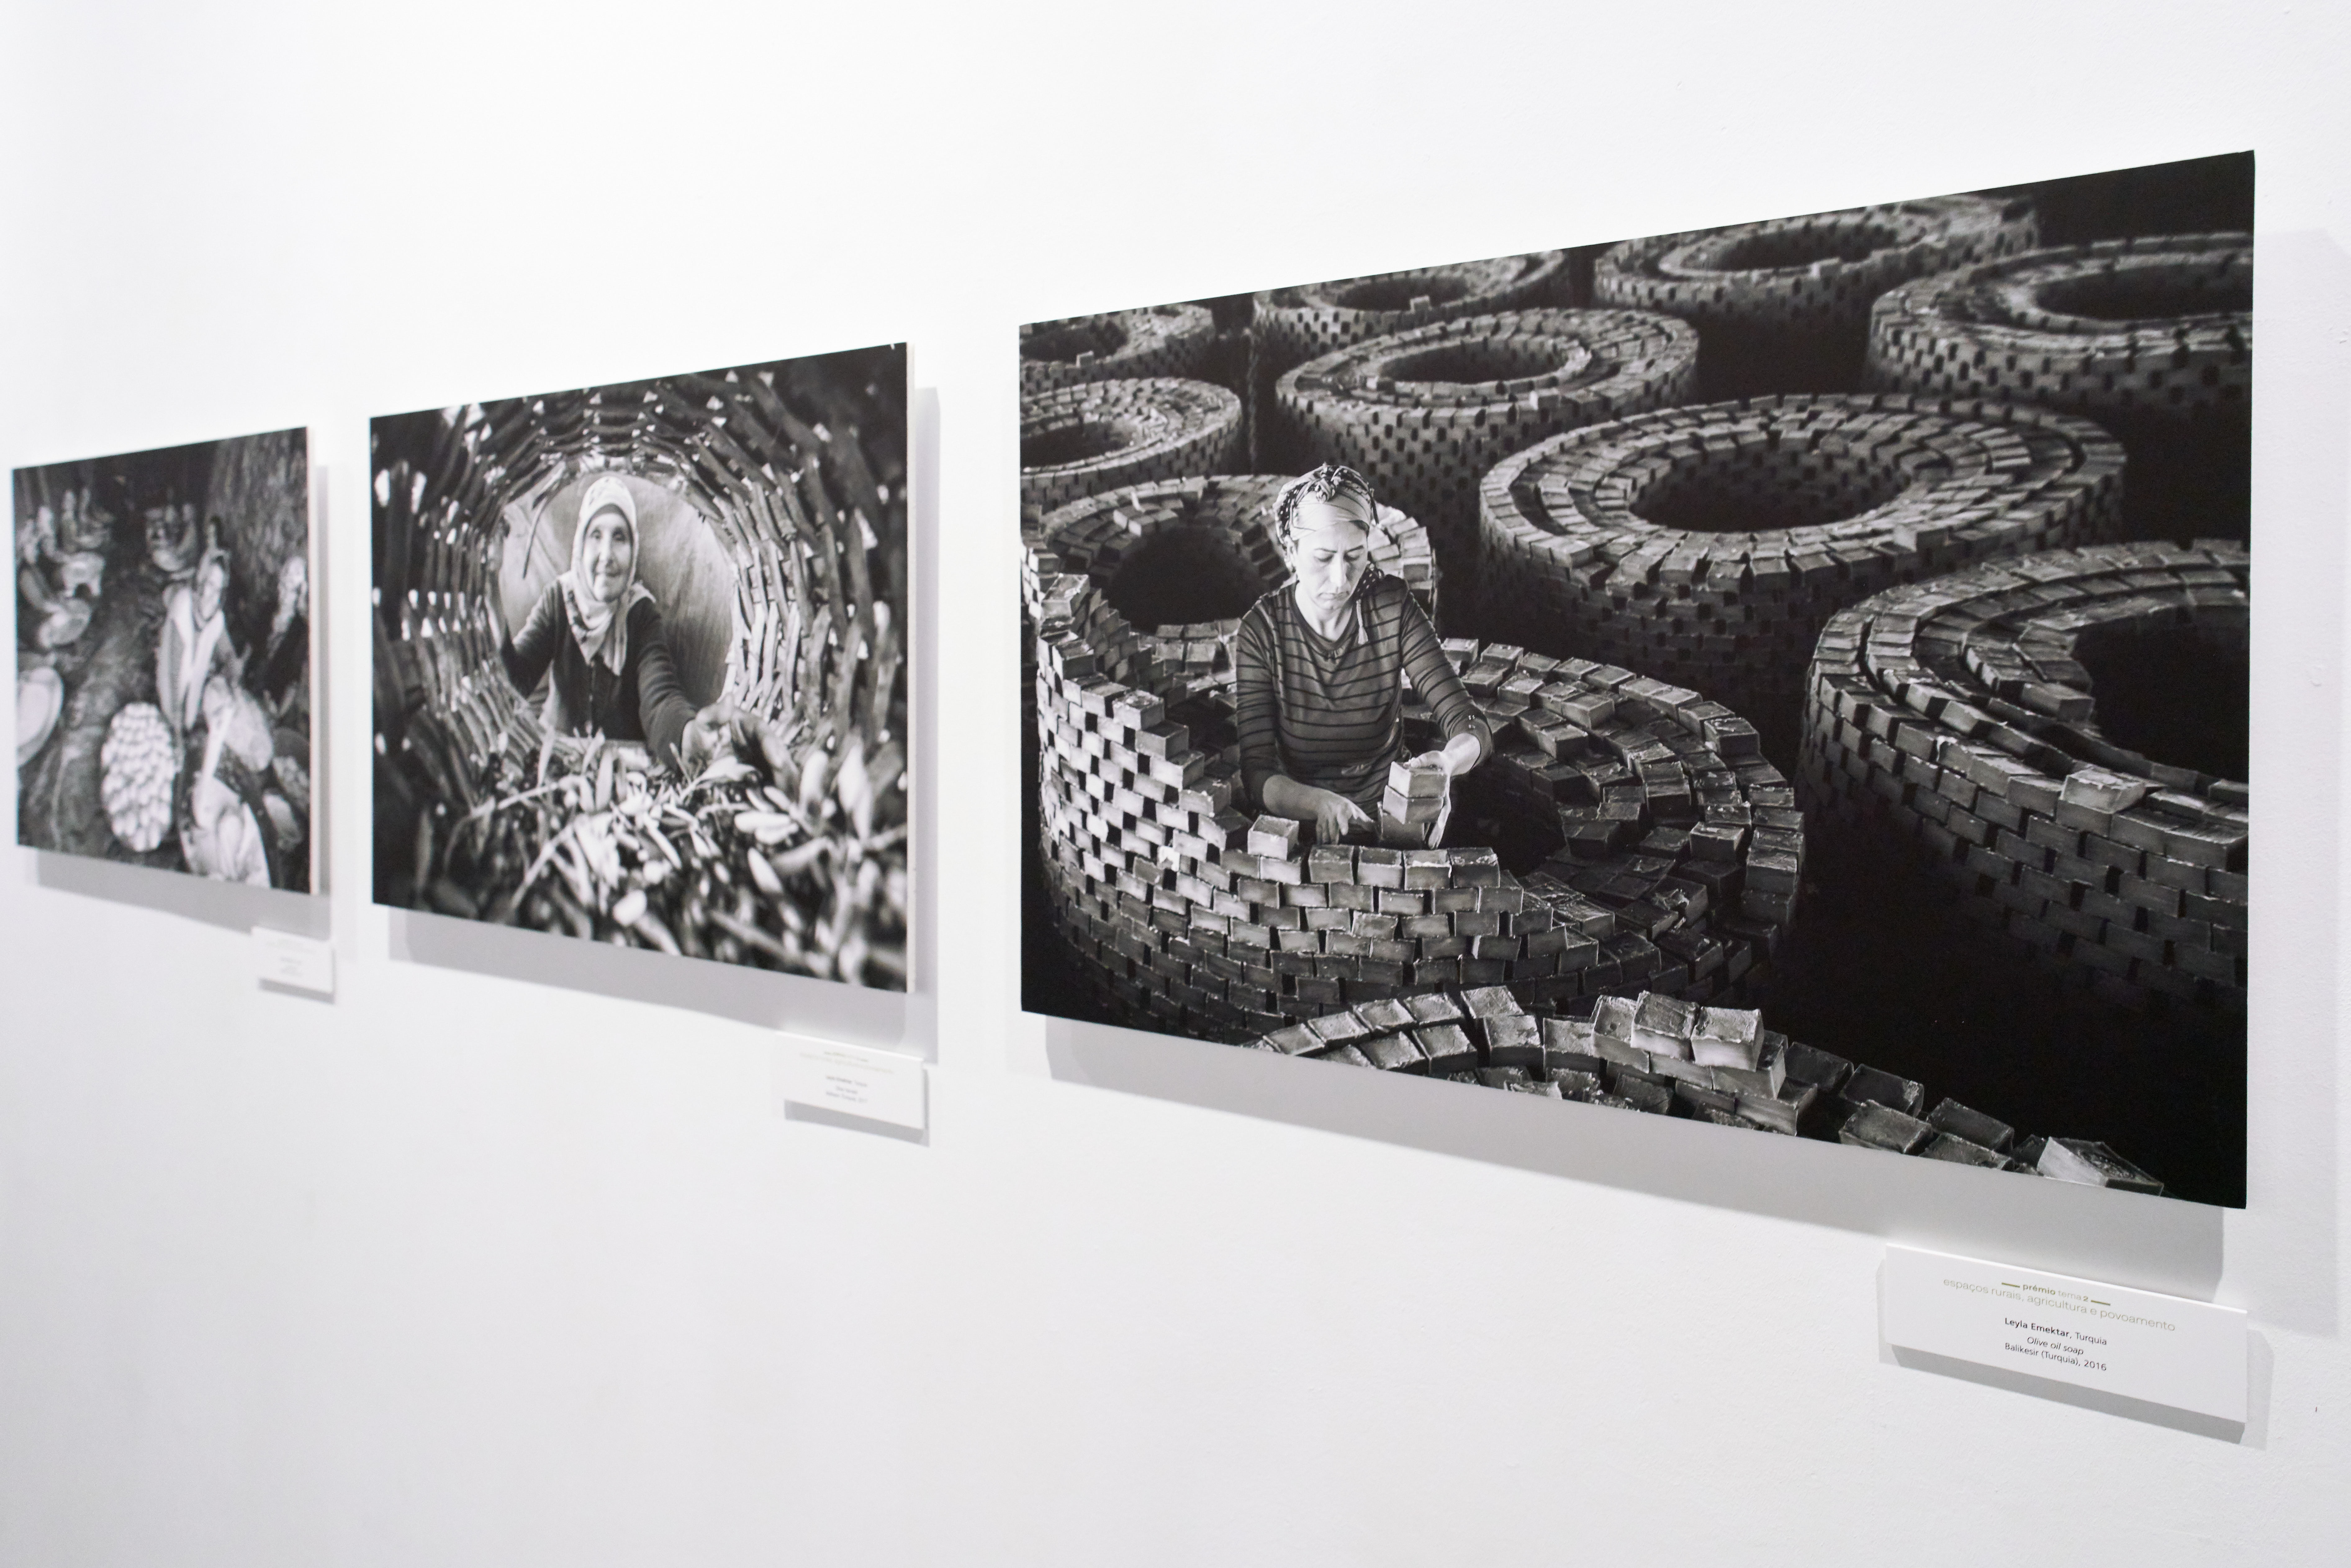 La Universidad de Salamanca y la Junta de Castilla y León muestran las fotografías ganadoras del concurso 'Transversalidades. Fotografía sin fronteras'